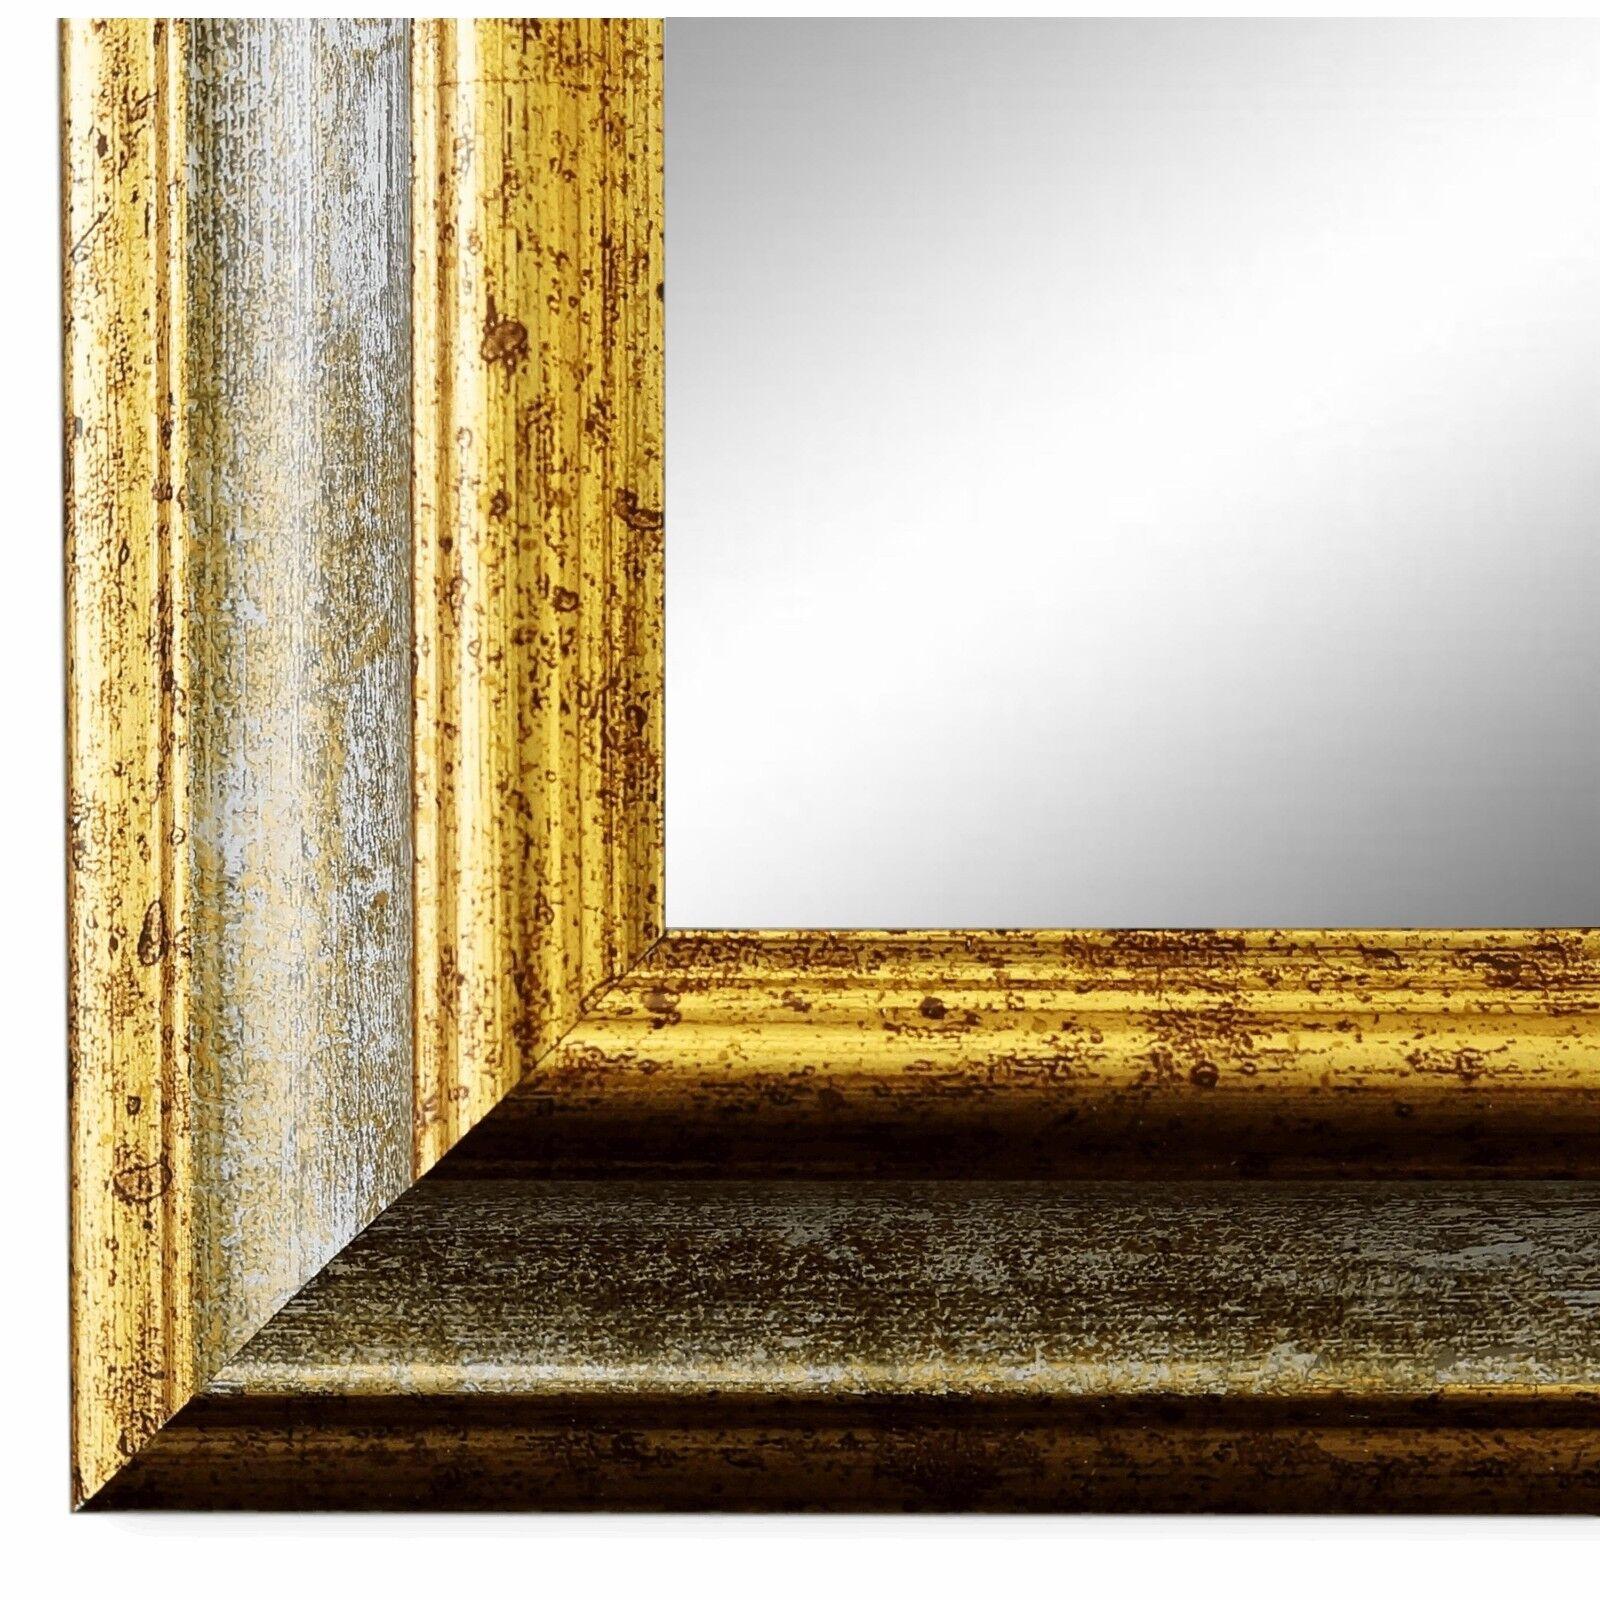 Wandspiegel Spiegel Grau Gold Vintage Retro Holz Bari 4,4 - NEU alle Größen